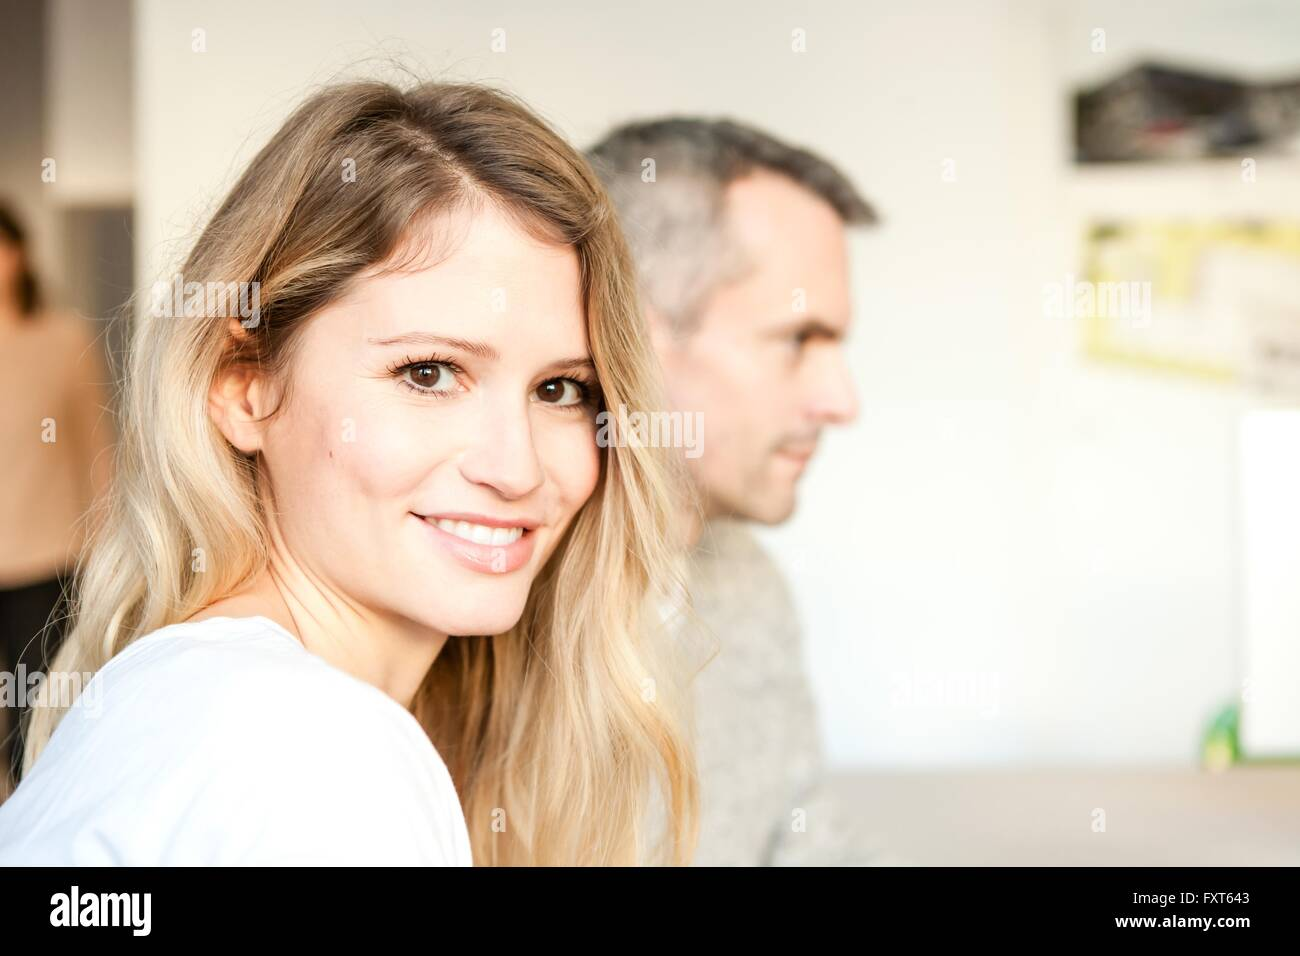 Retrato de joven Brown Eyed mujer sonriendo mirando a la cámara Imagen De Stock